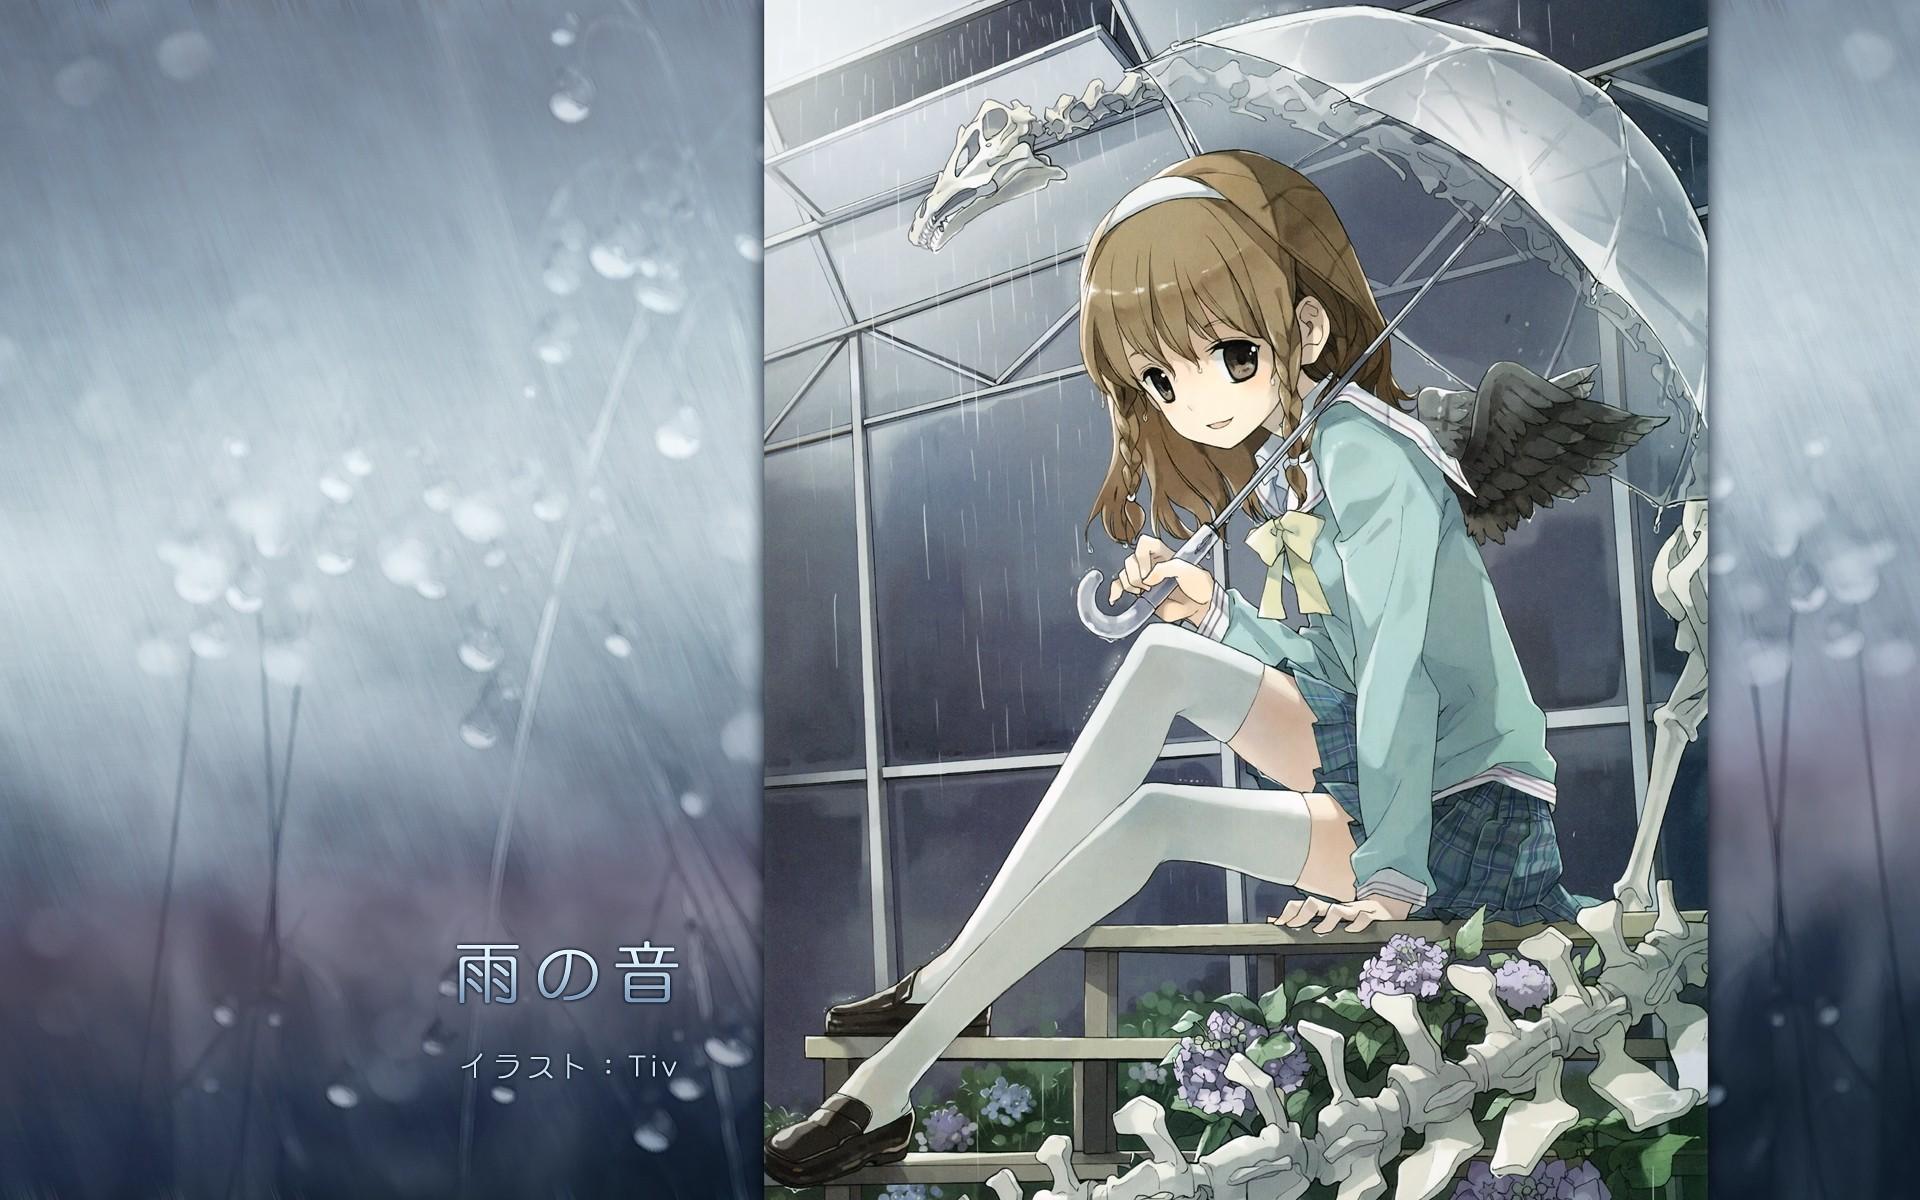 Kimono Anime Girl Android Wallpaper Wallpaper Flowers Anime Girls Brunette Wings Rain